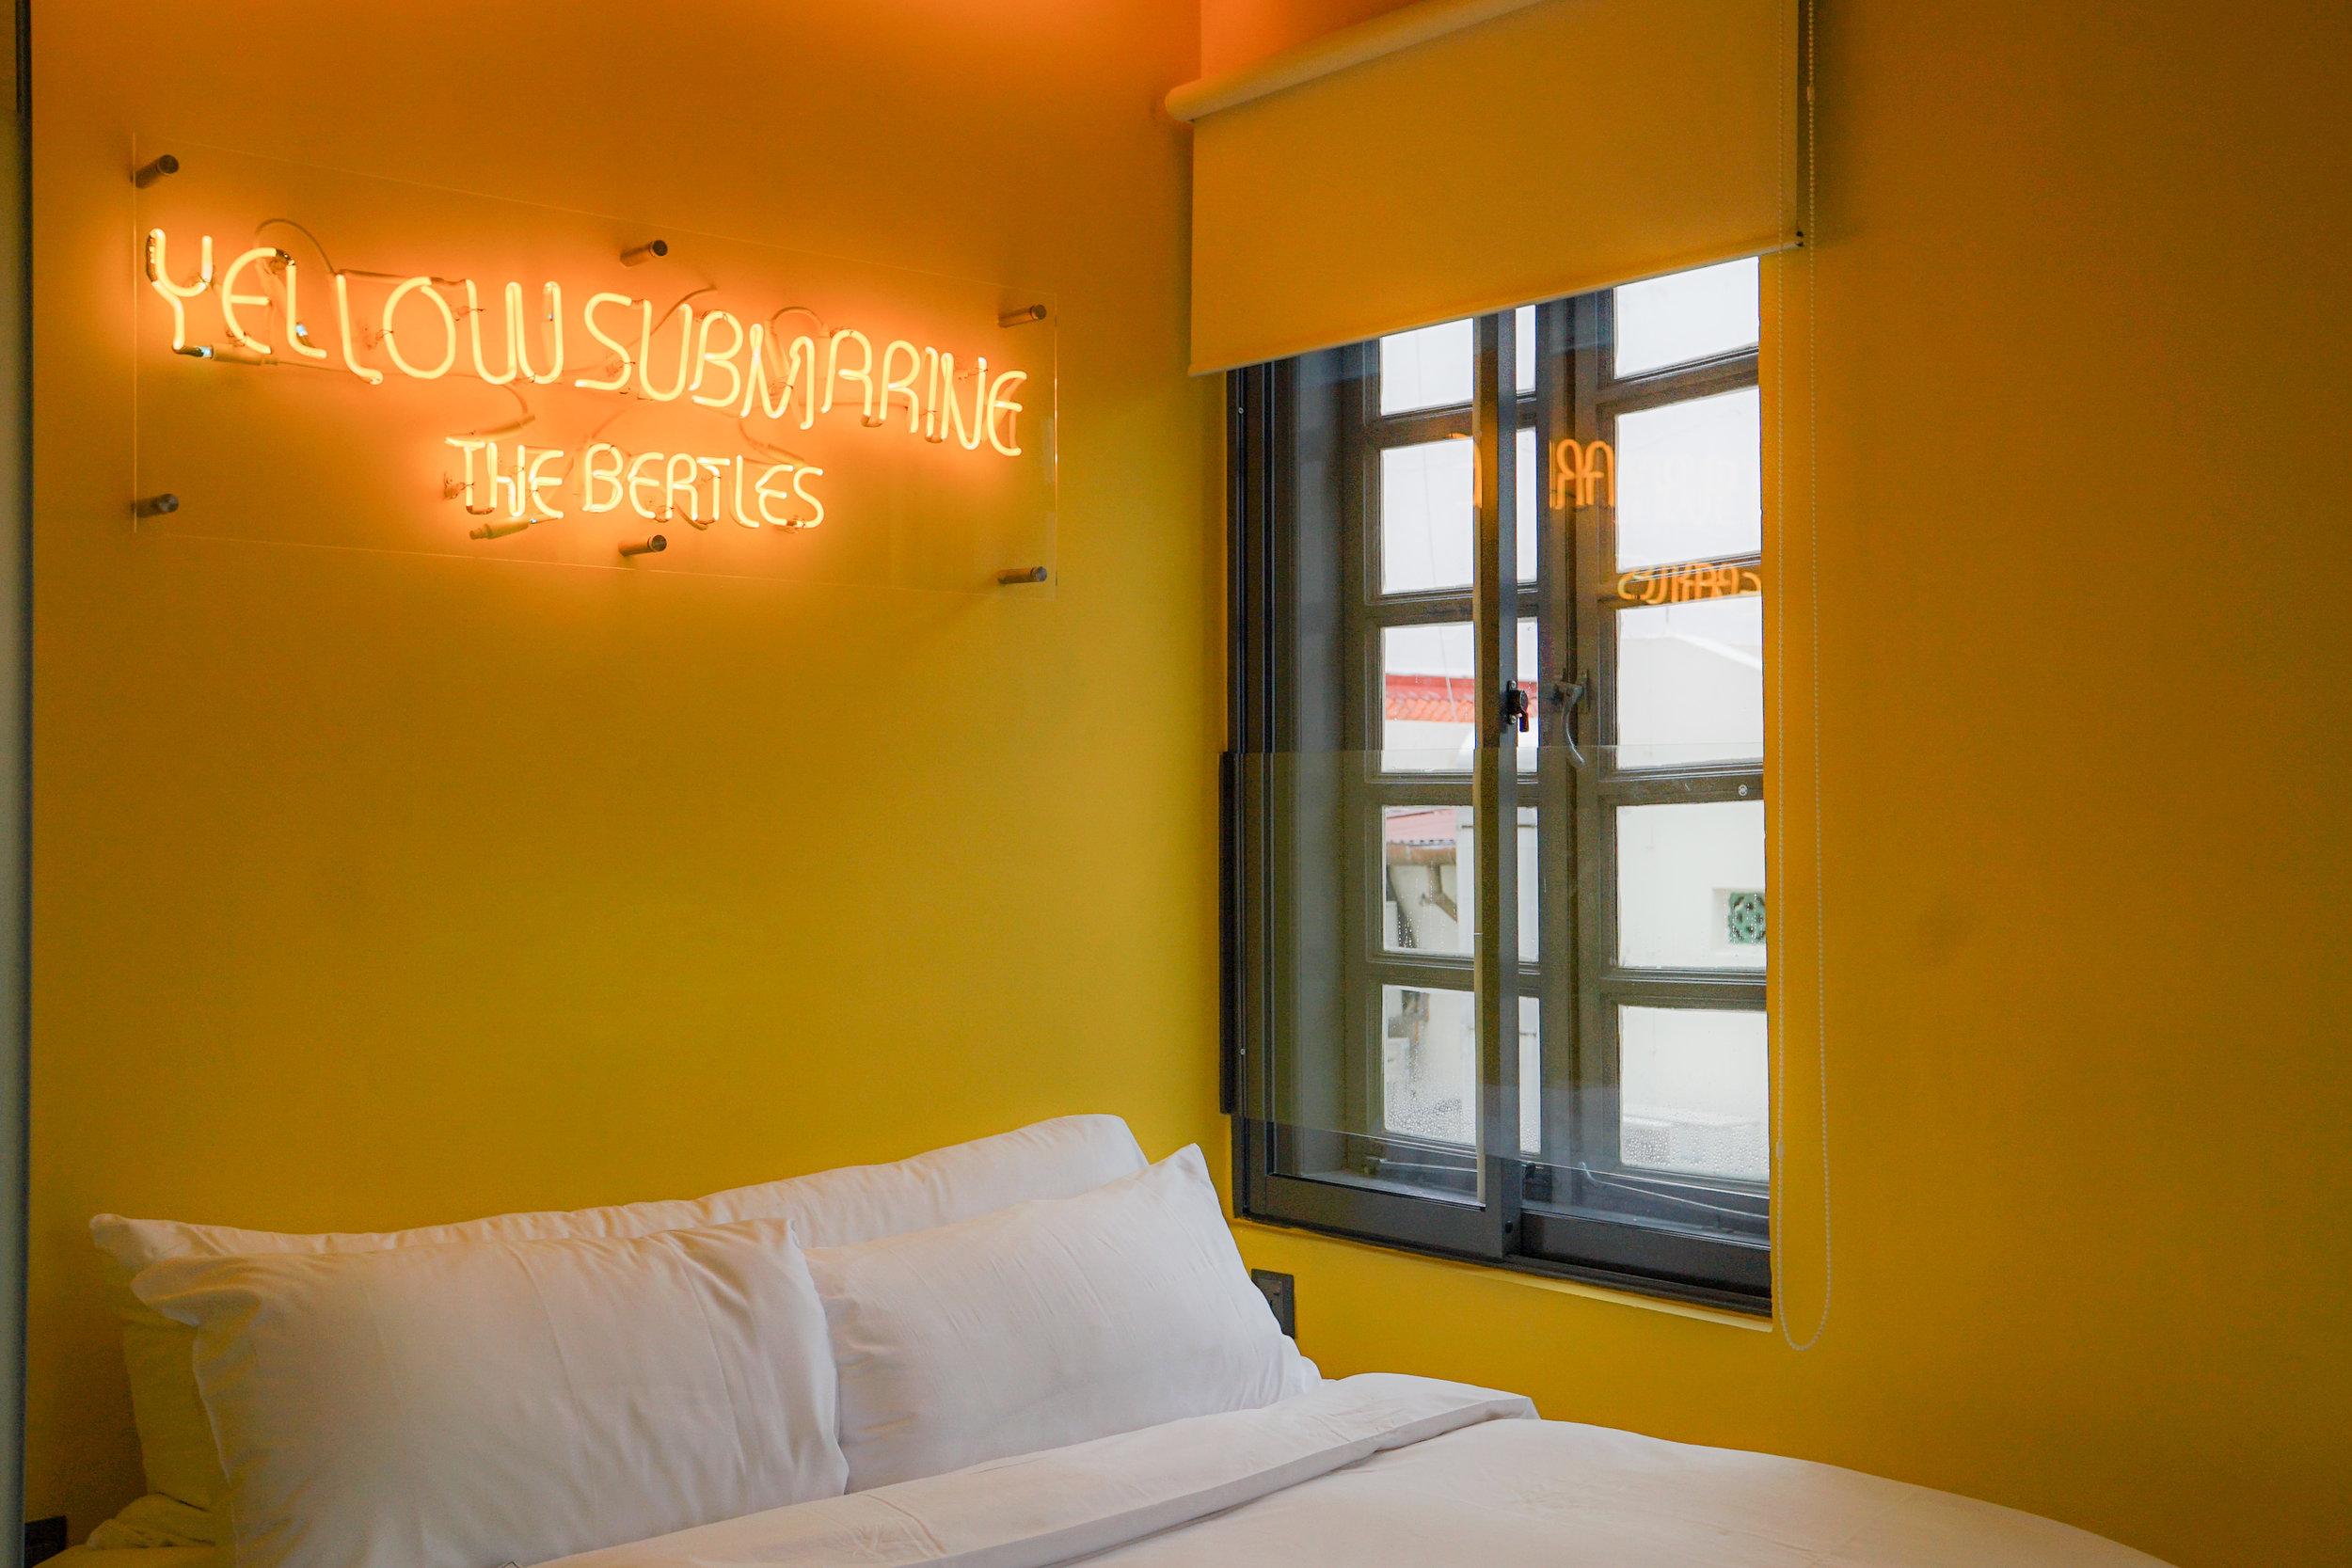 wanderlust hotel pantone room